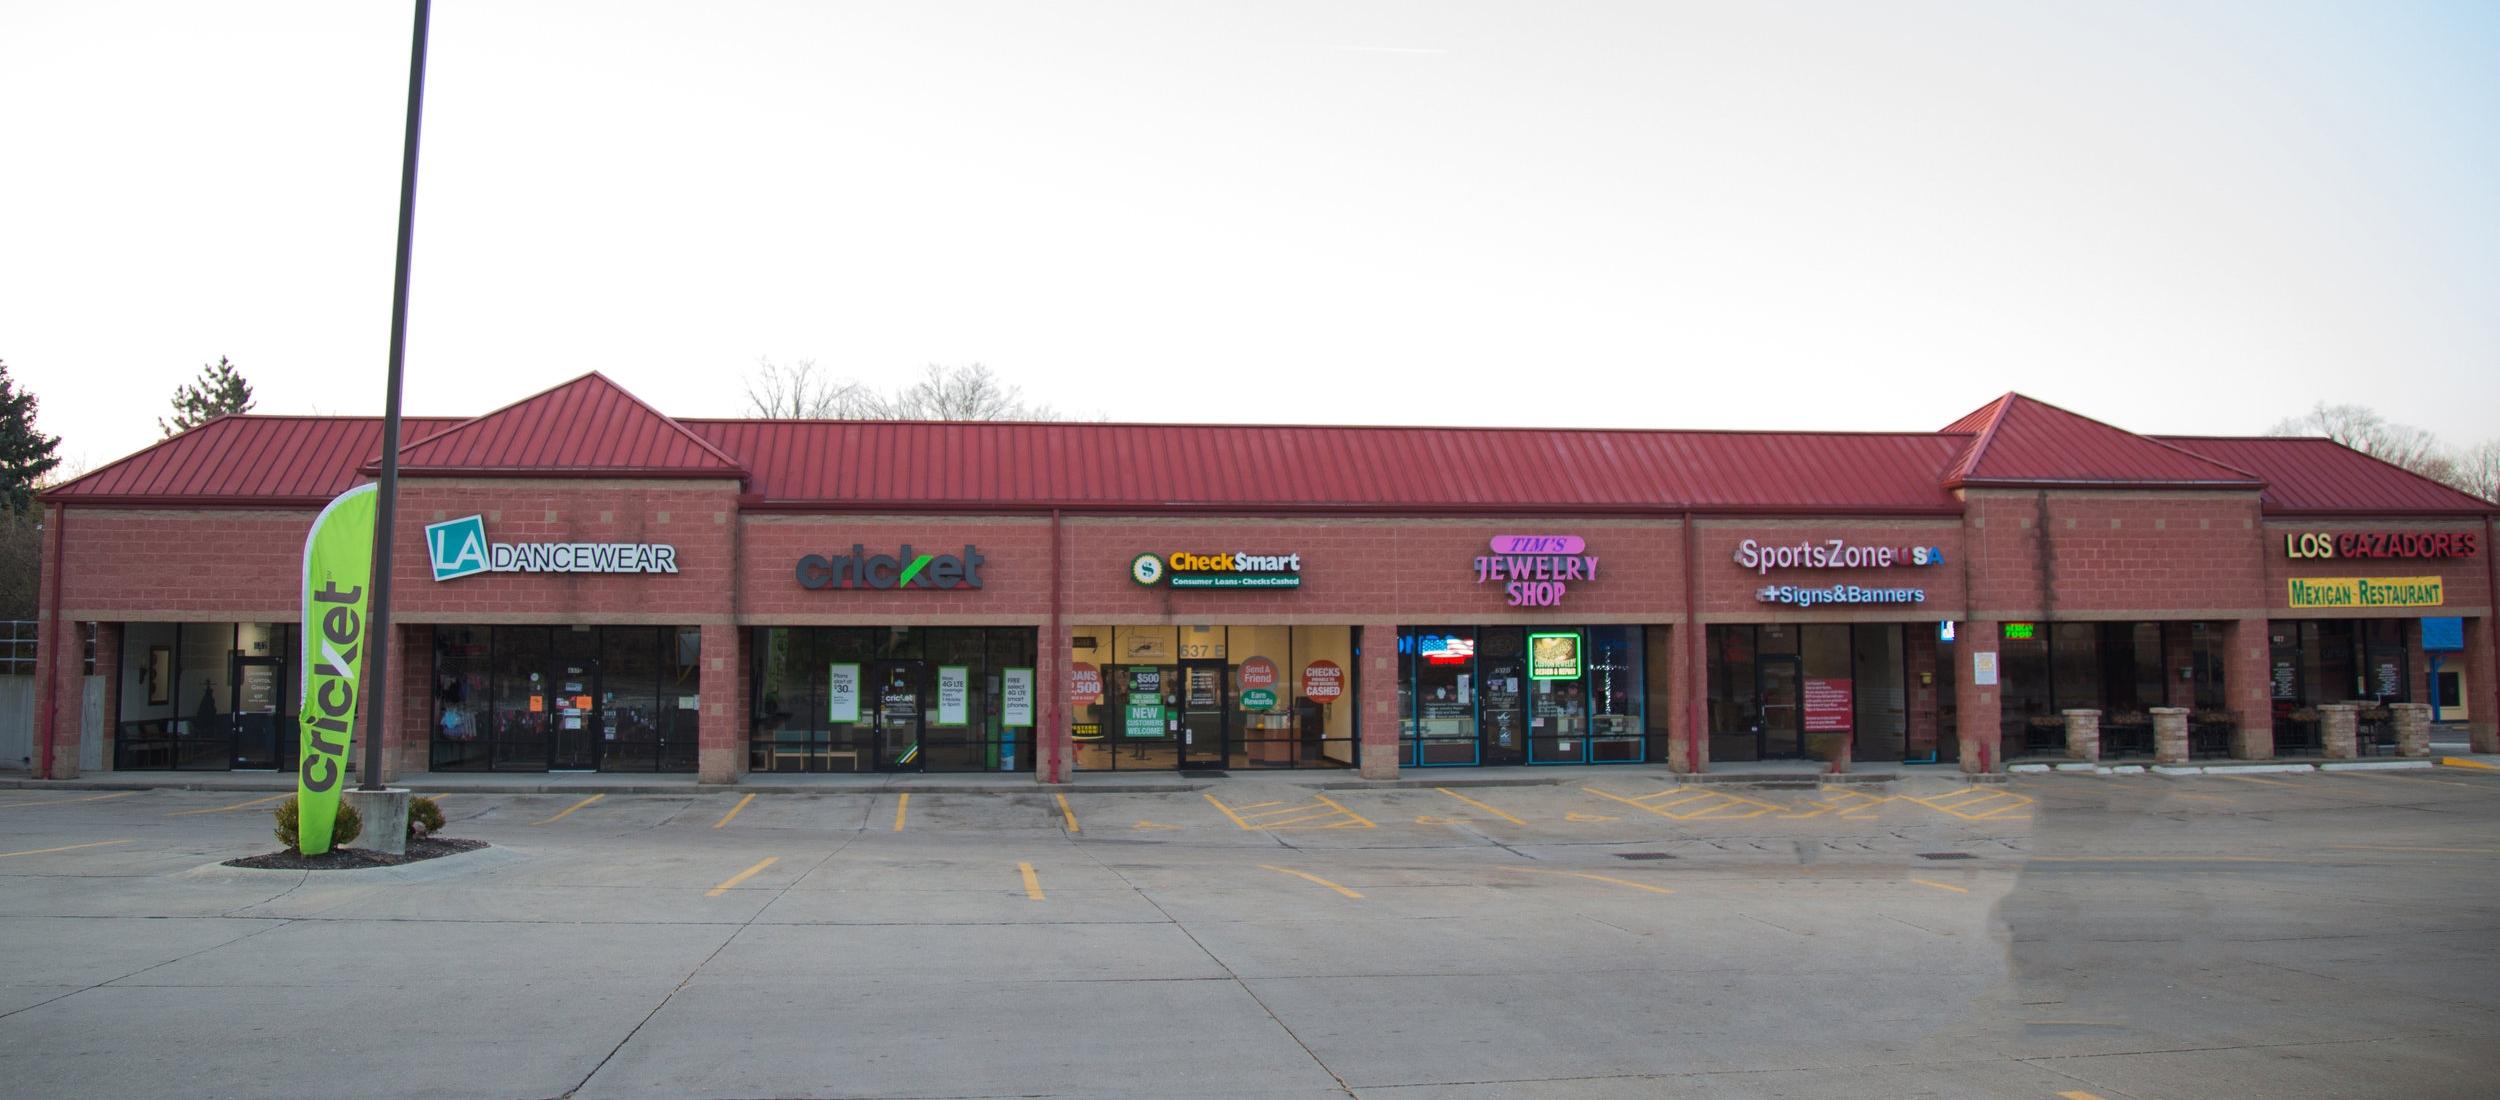 637 Ohio Pike - Cincinnati, OH